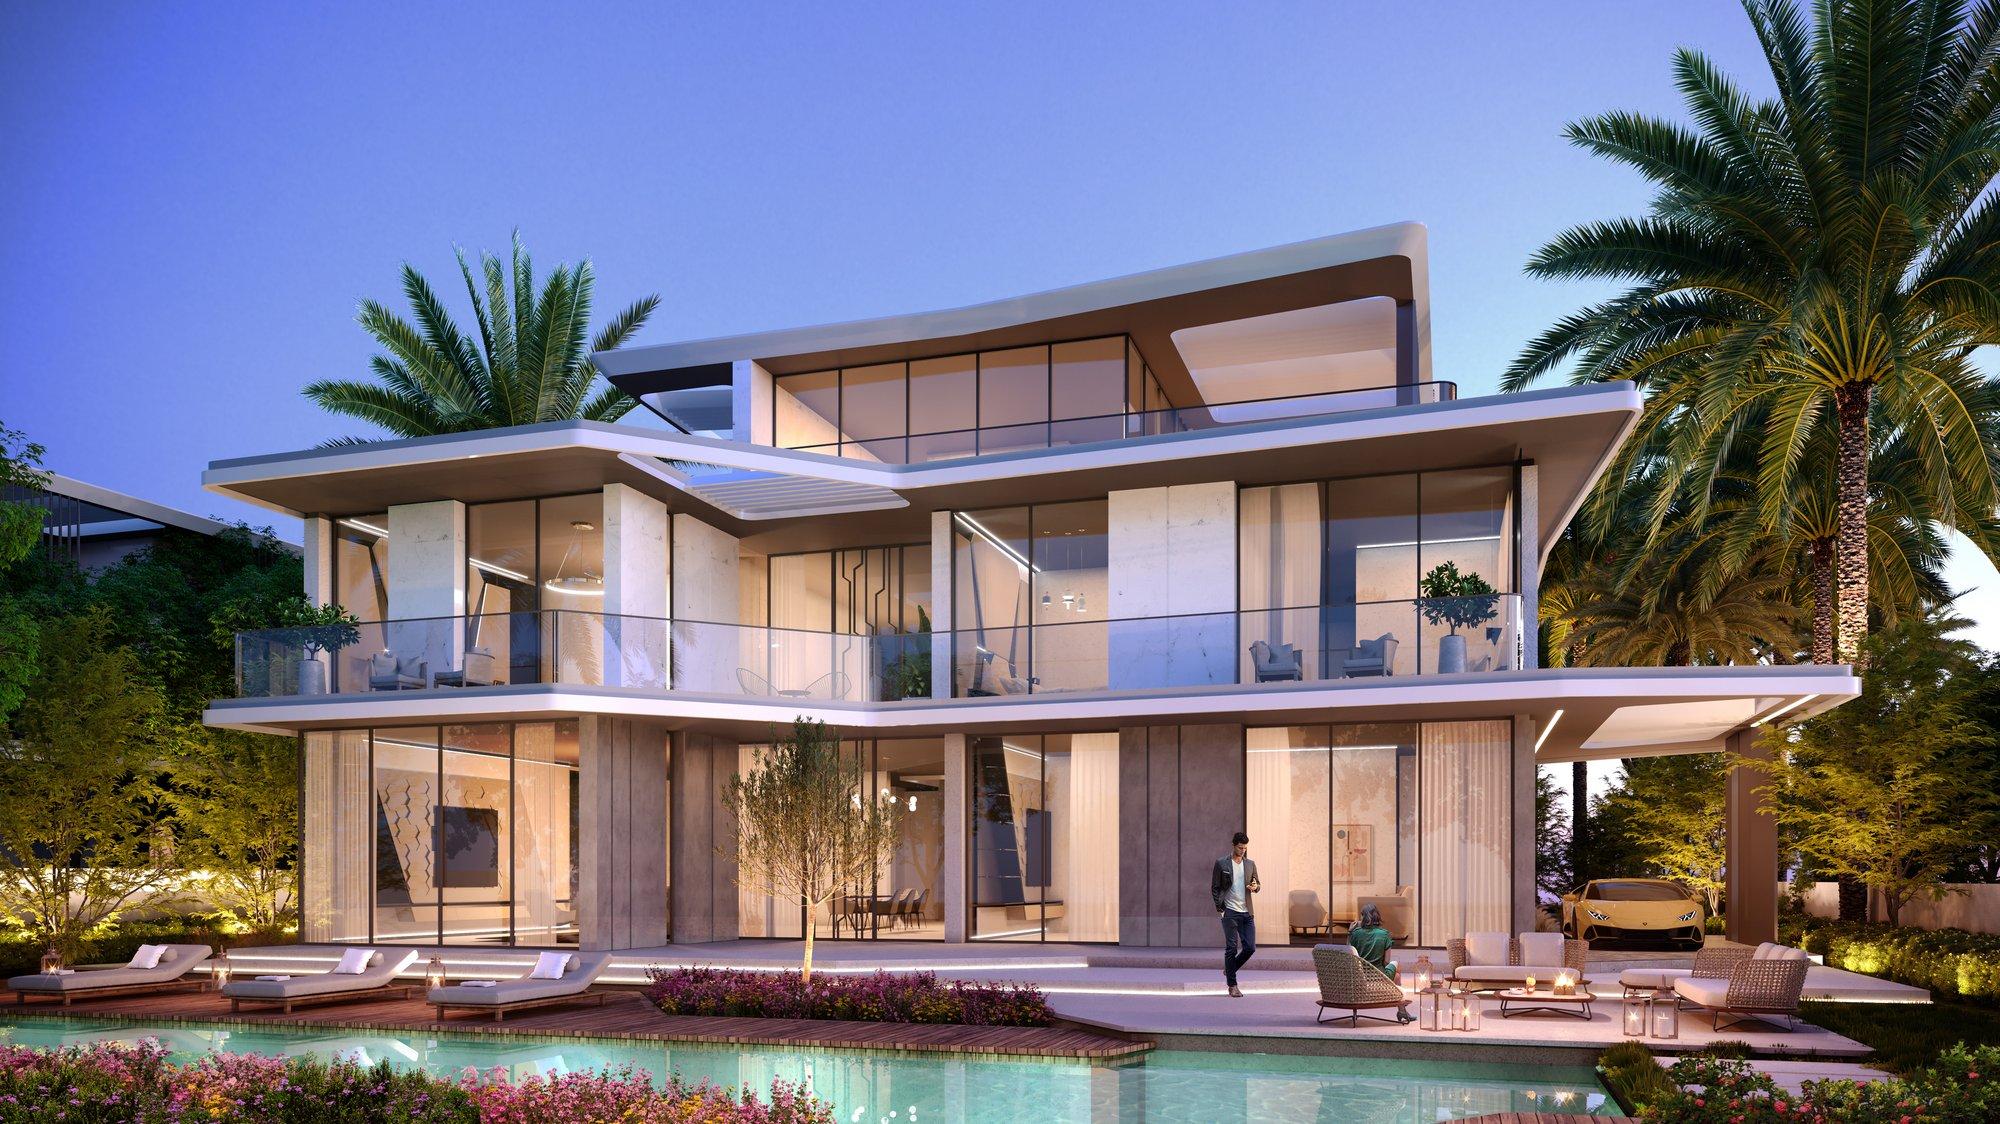 Villa in Dubai, Dubai, United Arab Emirates 1 - 11557767